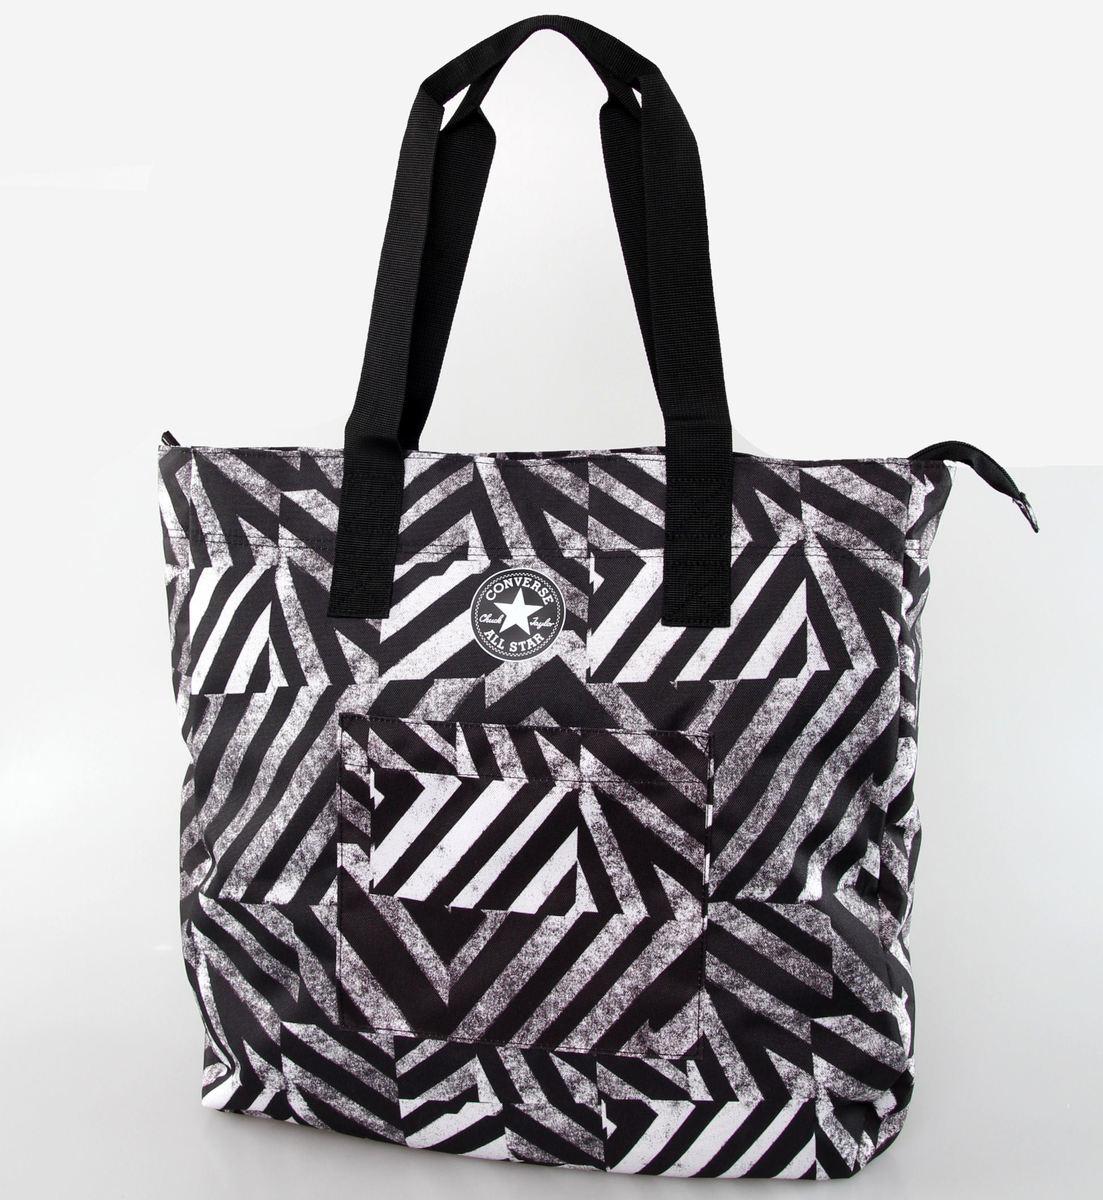 taška (plážová) CONVERSE - Beach - Black/White - 410905-919